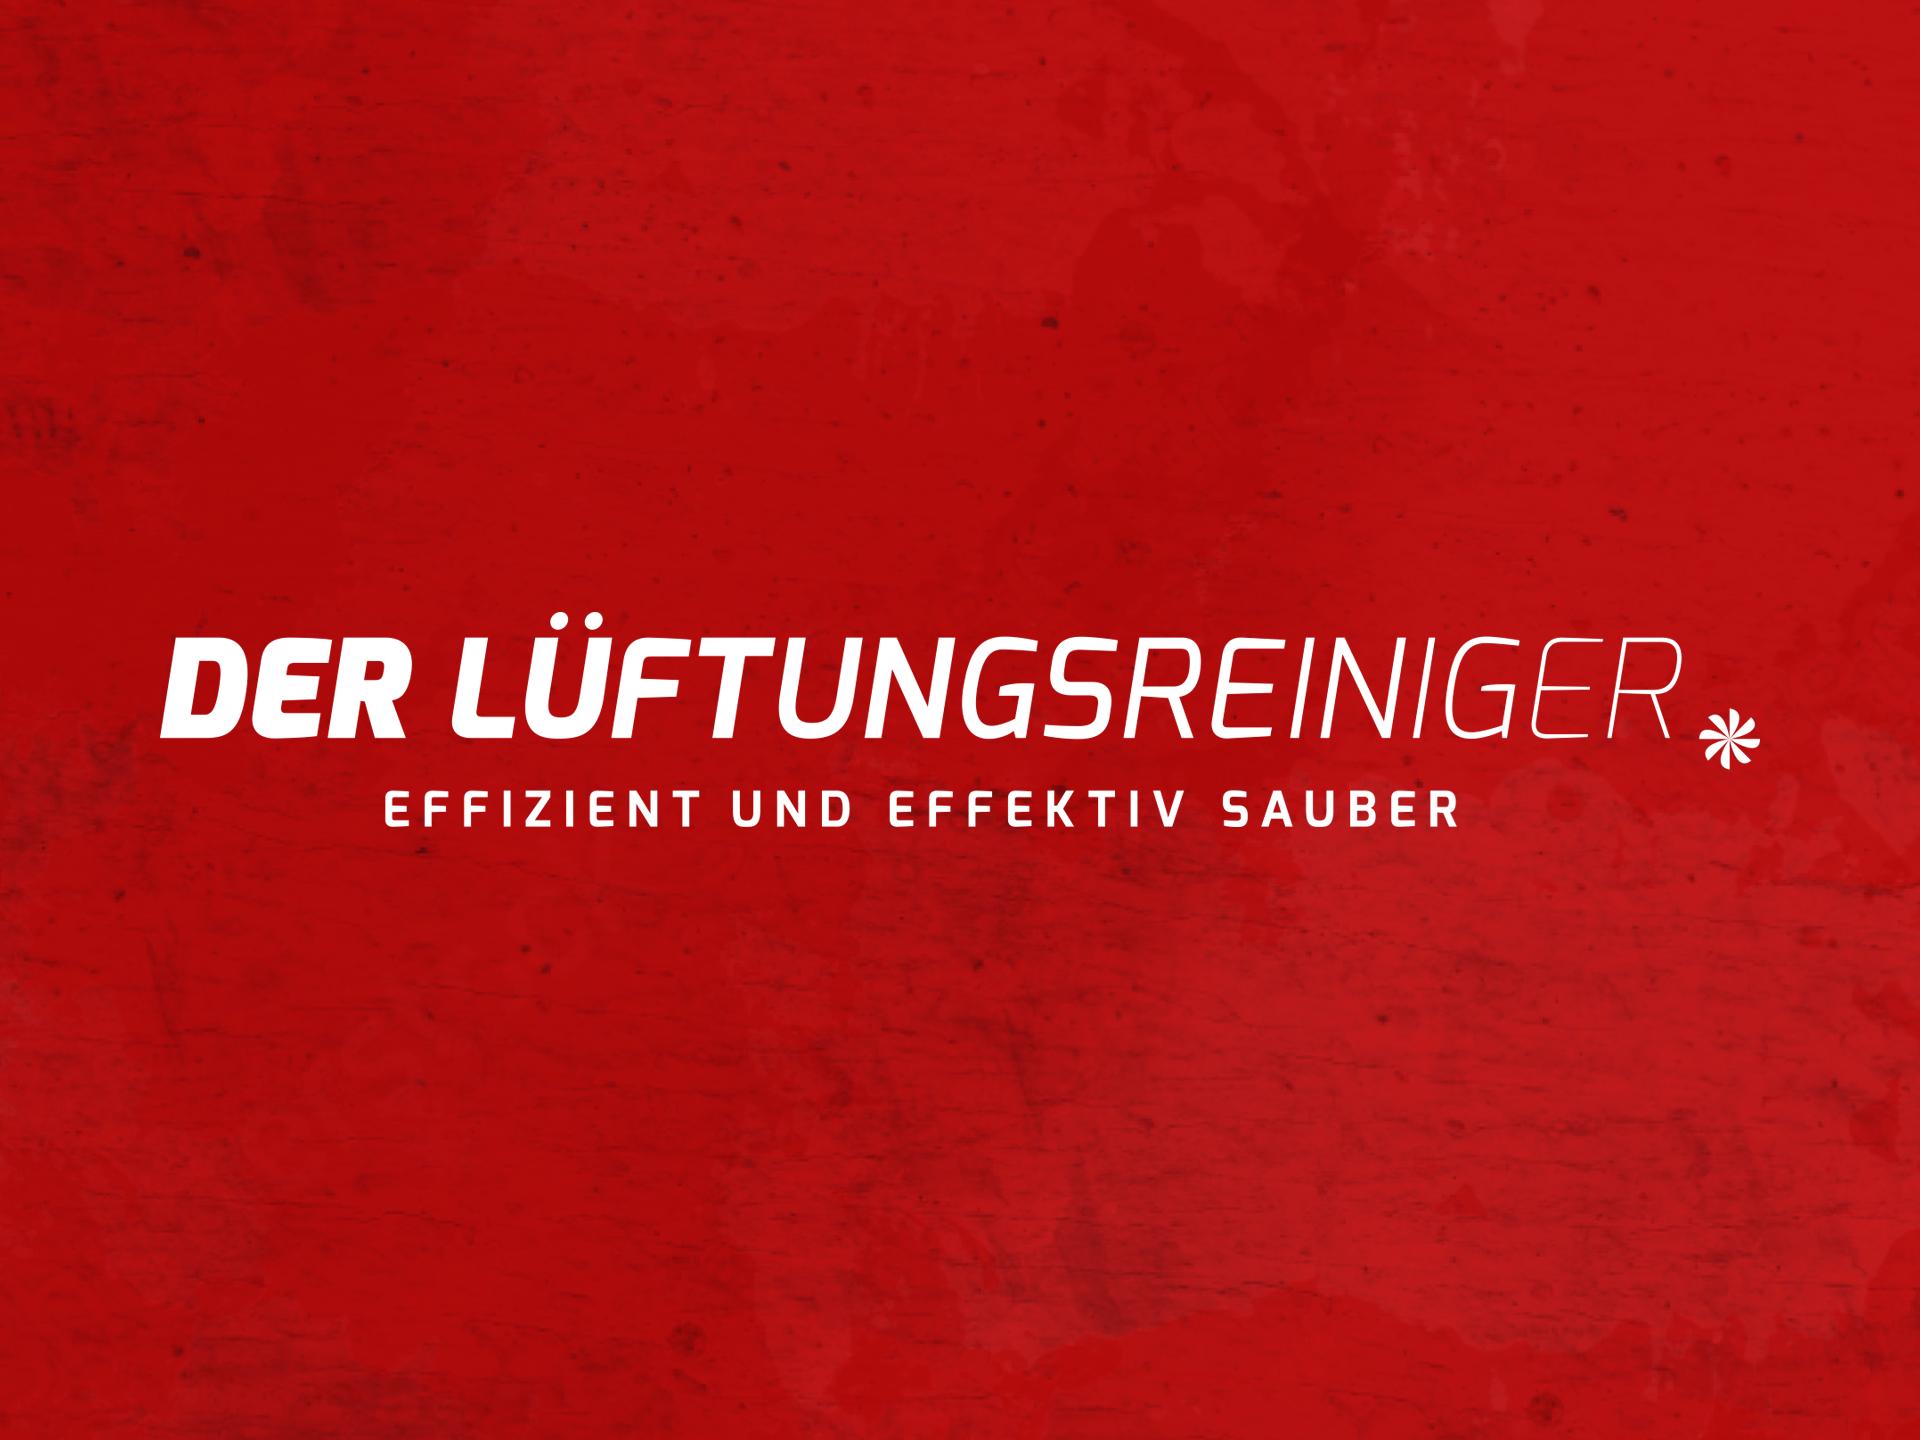 SM Graphic Design Referenzen Logo Visitenkarte Website Corporate Design Der Lüftungsreiniger Ostschweiz